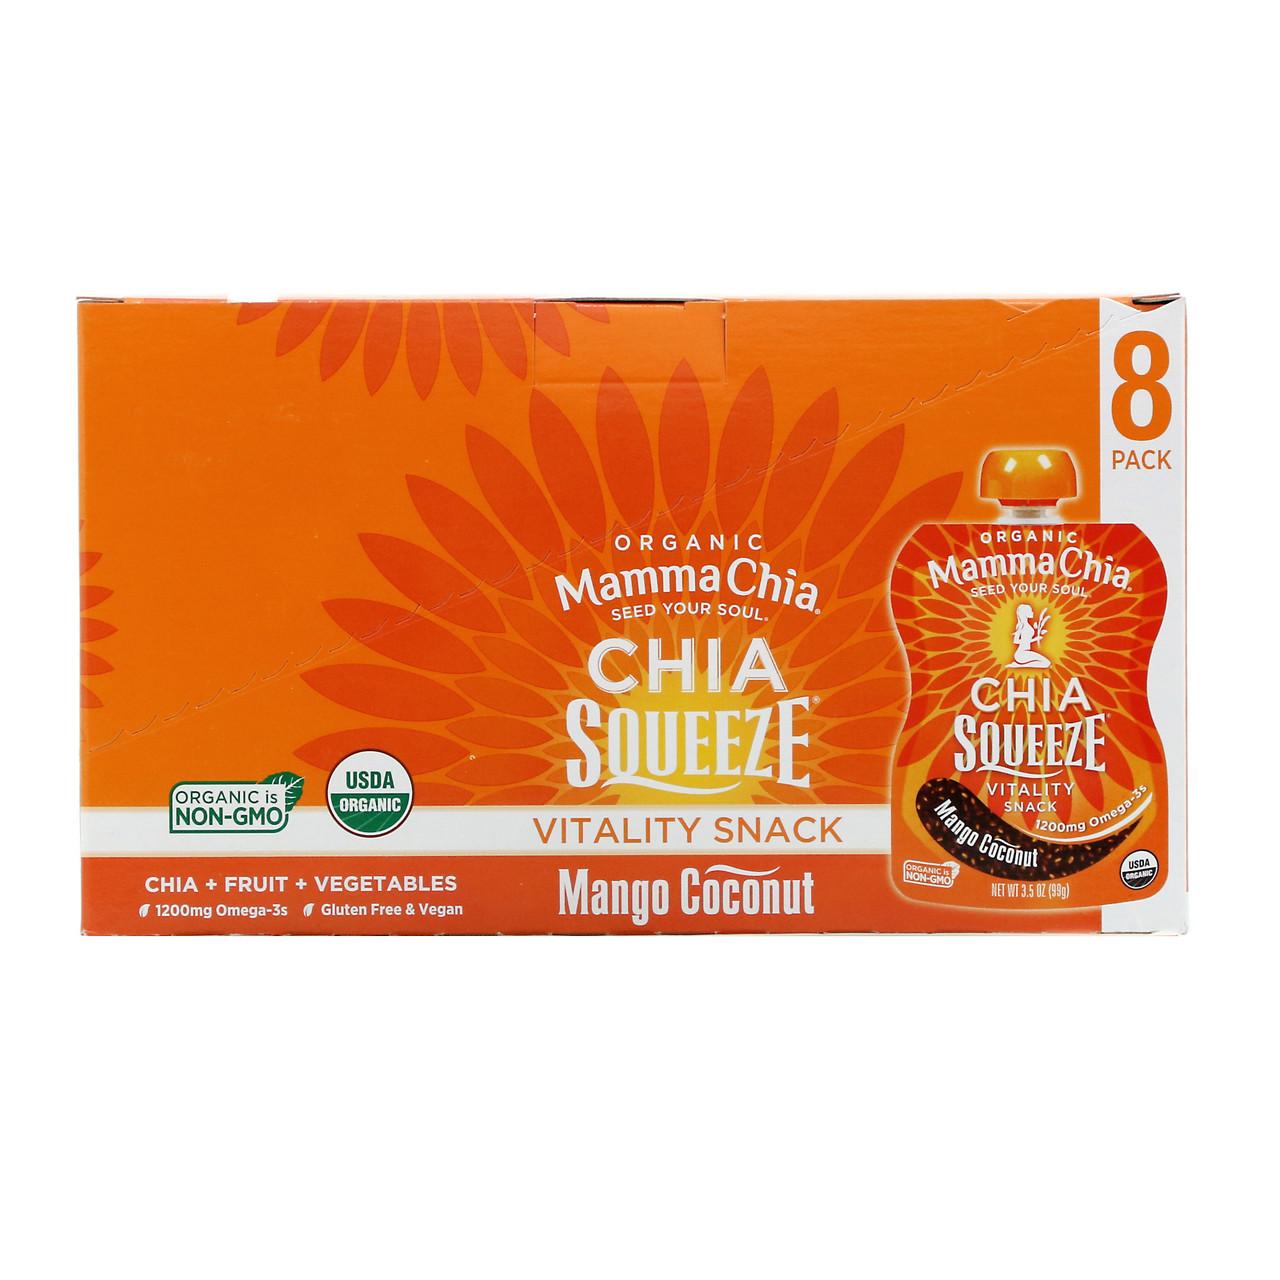 Насіння чіа, Chia Squeeze, Mamma Chia, 8 пак.